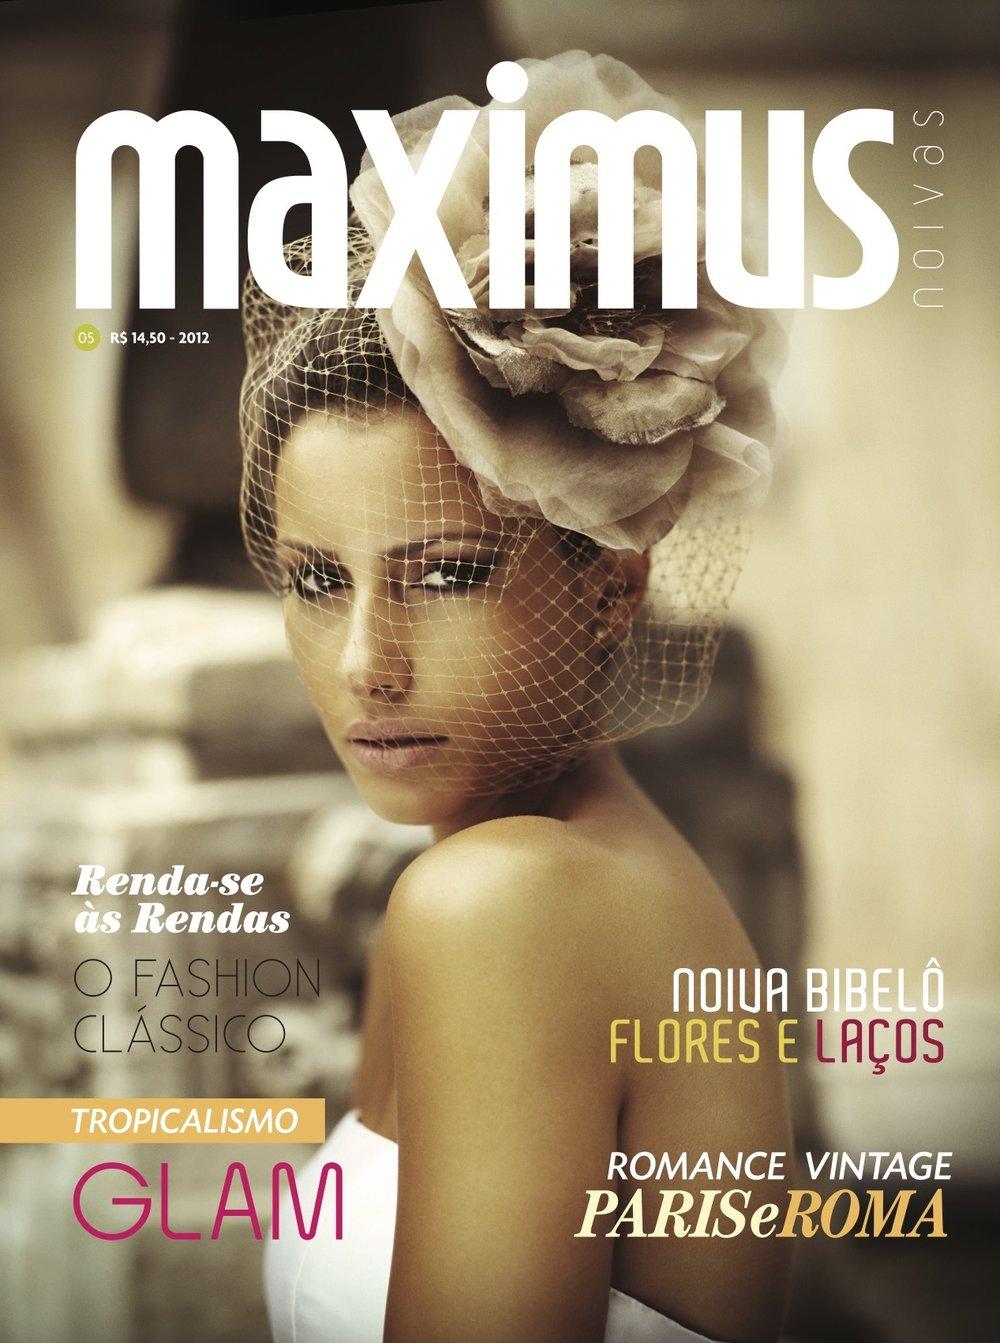 Capa revista Maximus Paris 2012.jpg